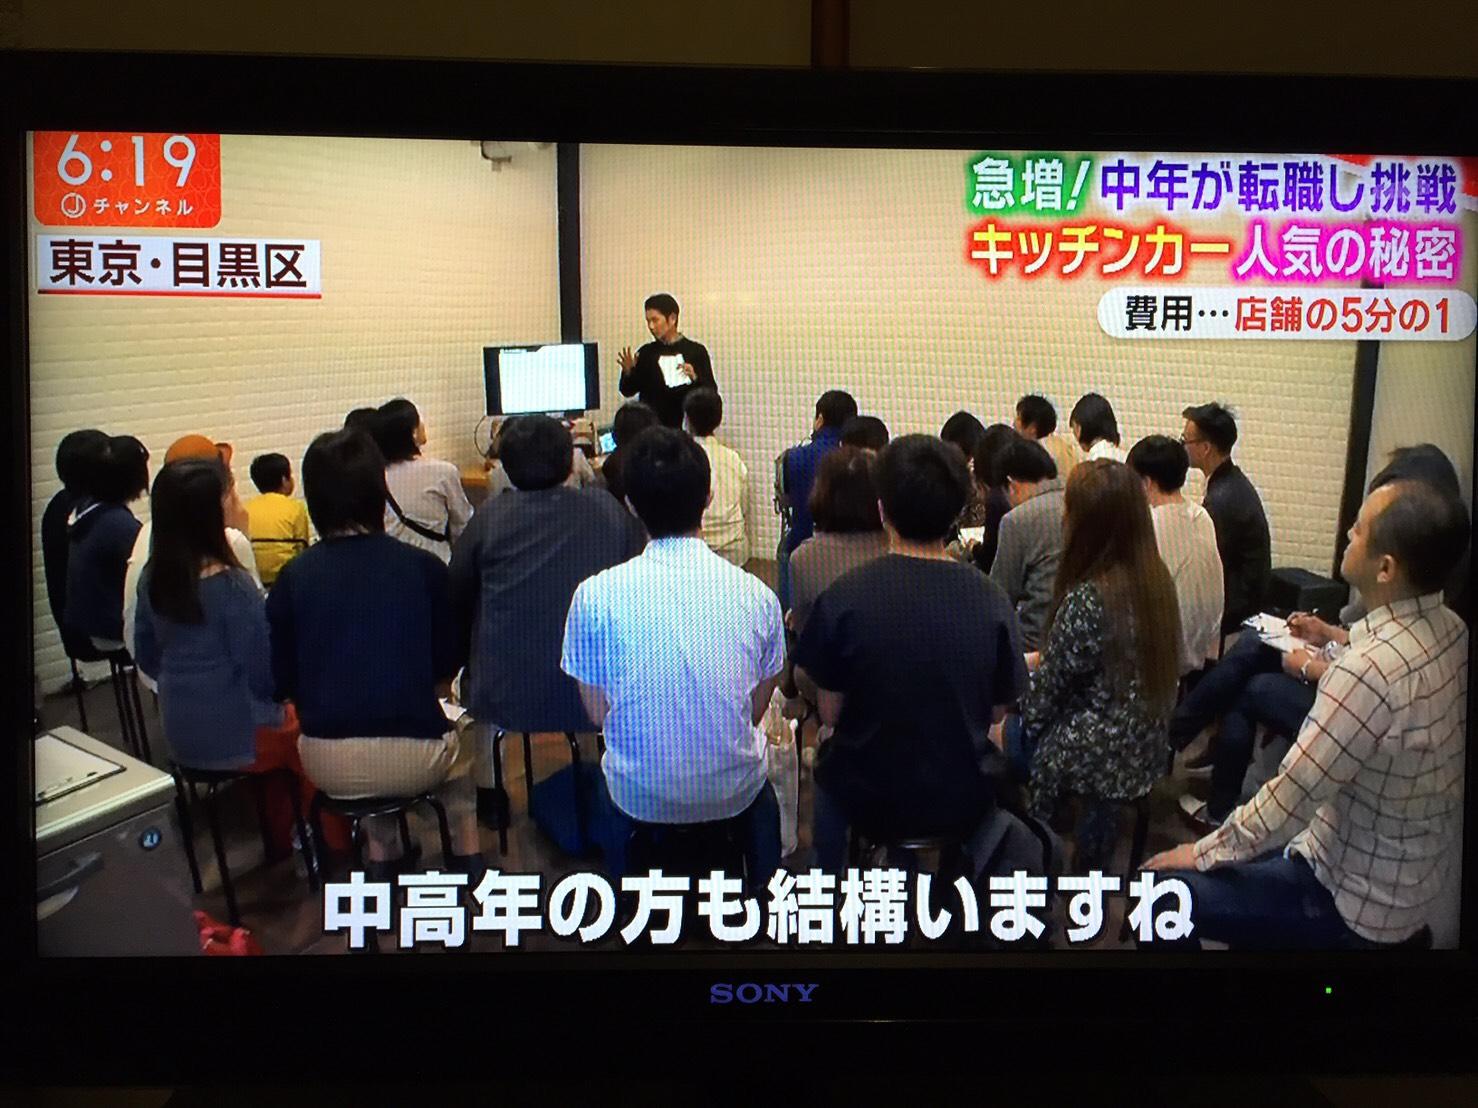 試食見学会の様子がテレビに放映されました。